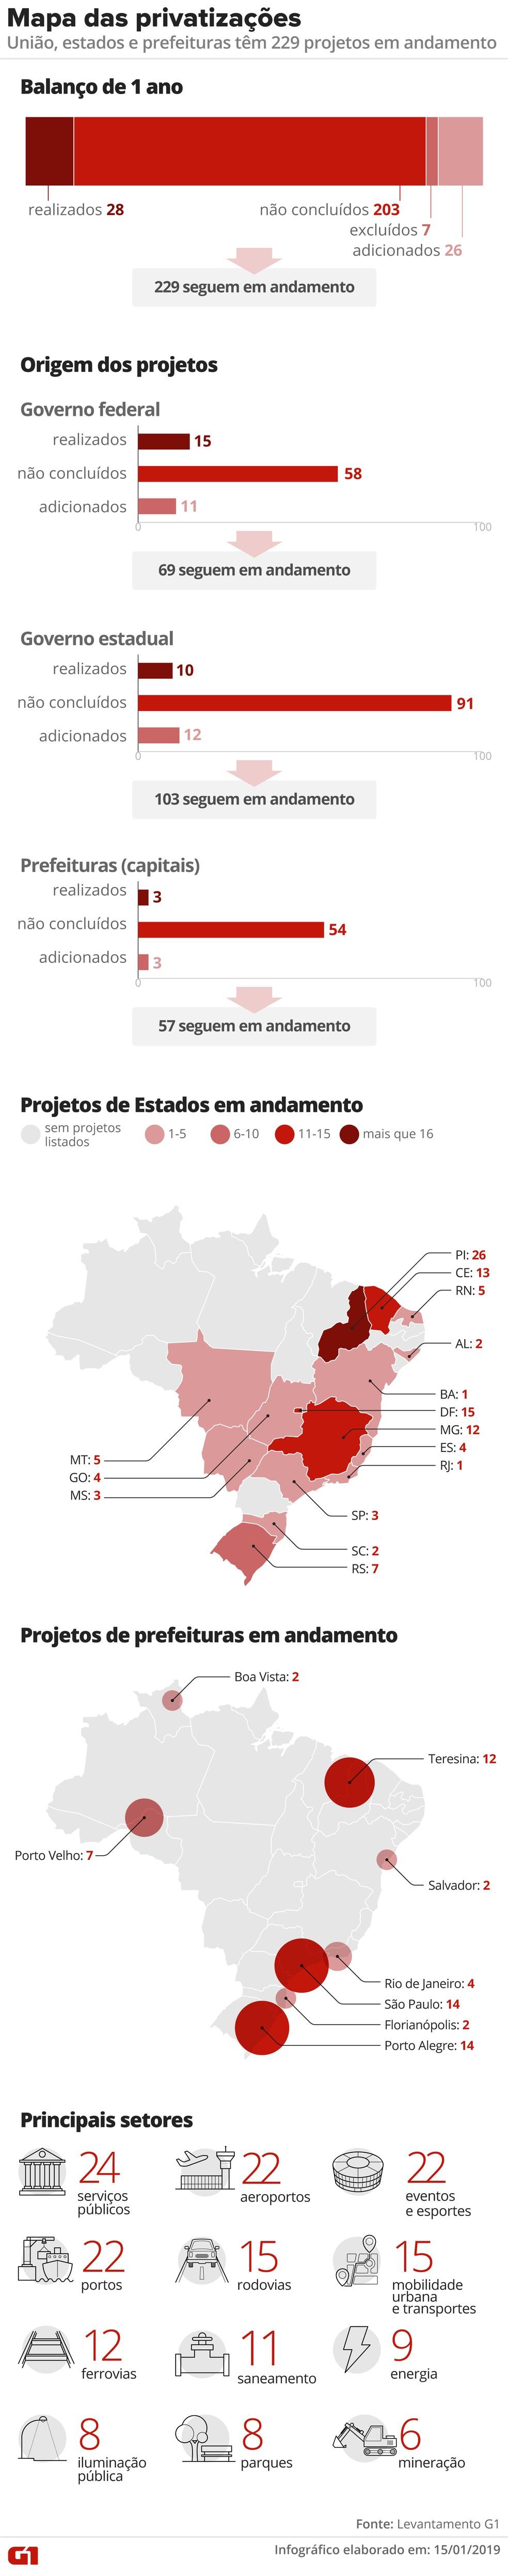 Mapa das privatizações - balanço de 1 ano — Foto: Infografia: Alexandre Mauro/G1